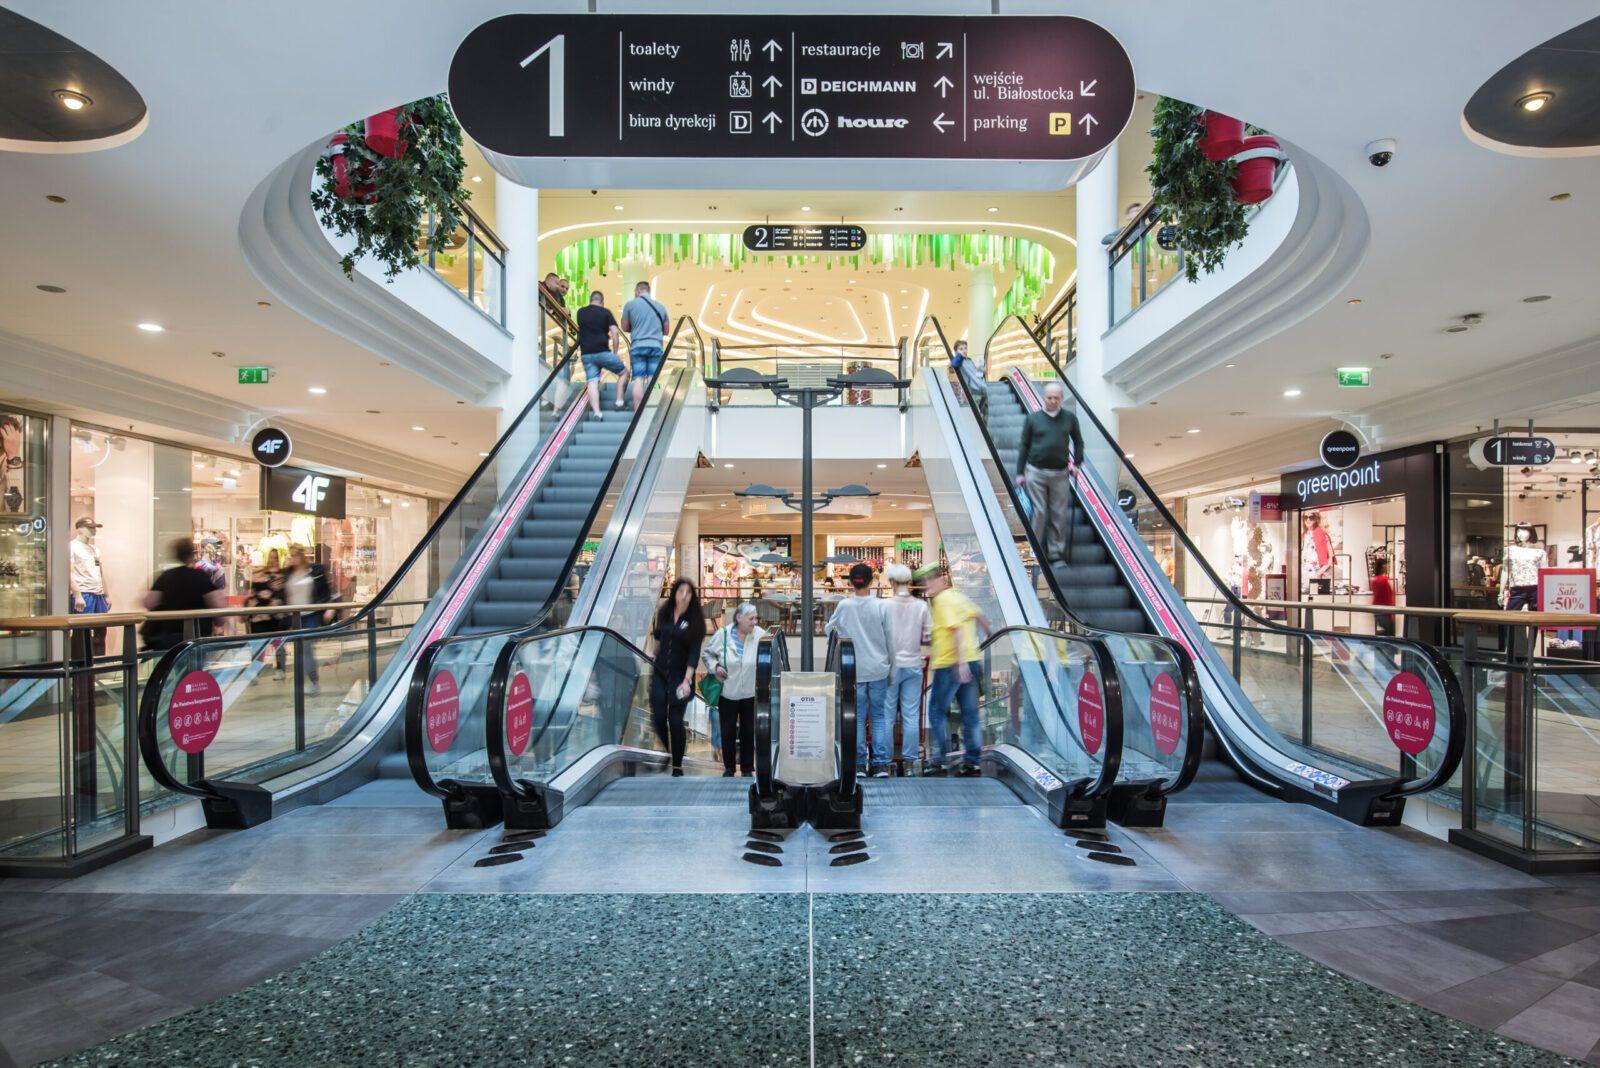 Galerie handlowe starają się na nowo przyciągnąć klientów po lockdownie. Zapewnienie rozrywki i programy lojalnościowe stają się kluczowe